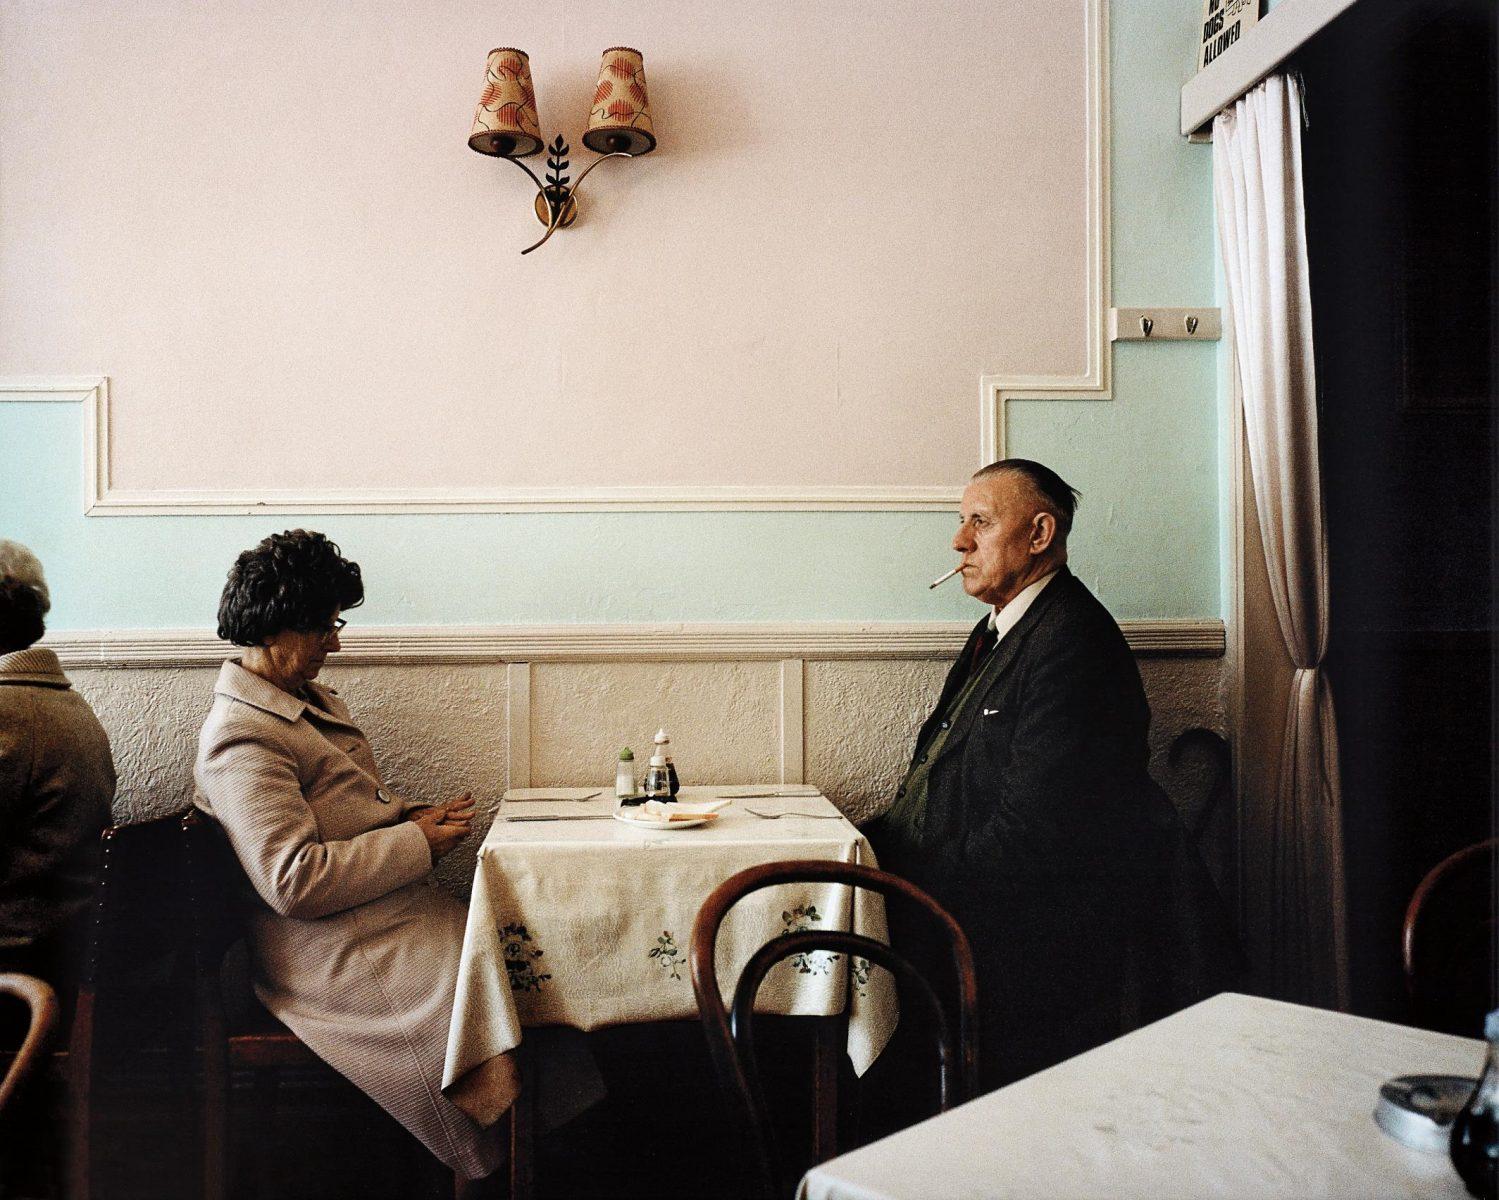 Photo couleur par Martin Parr couple de People âgées à manger, New Brighton, Angleterre, 1980